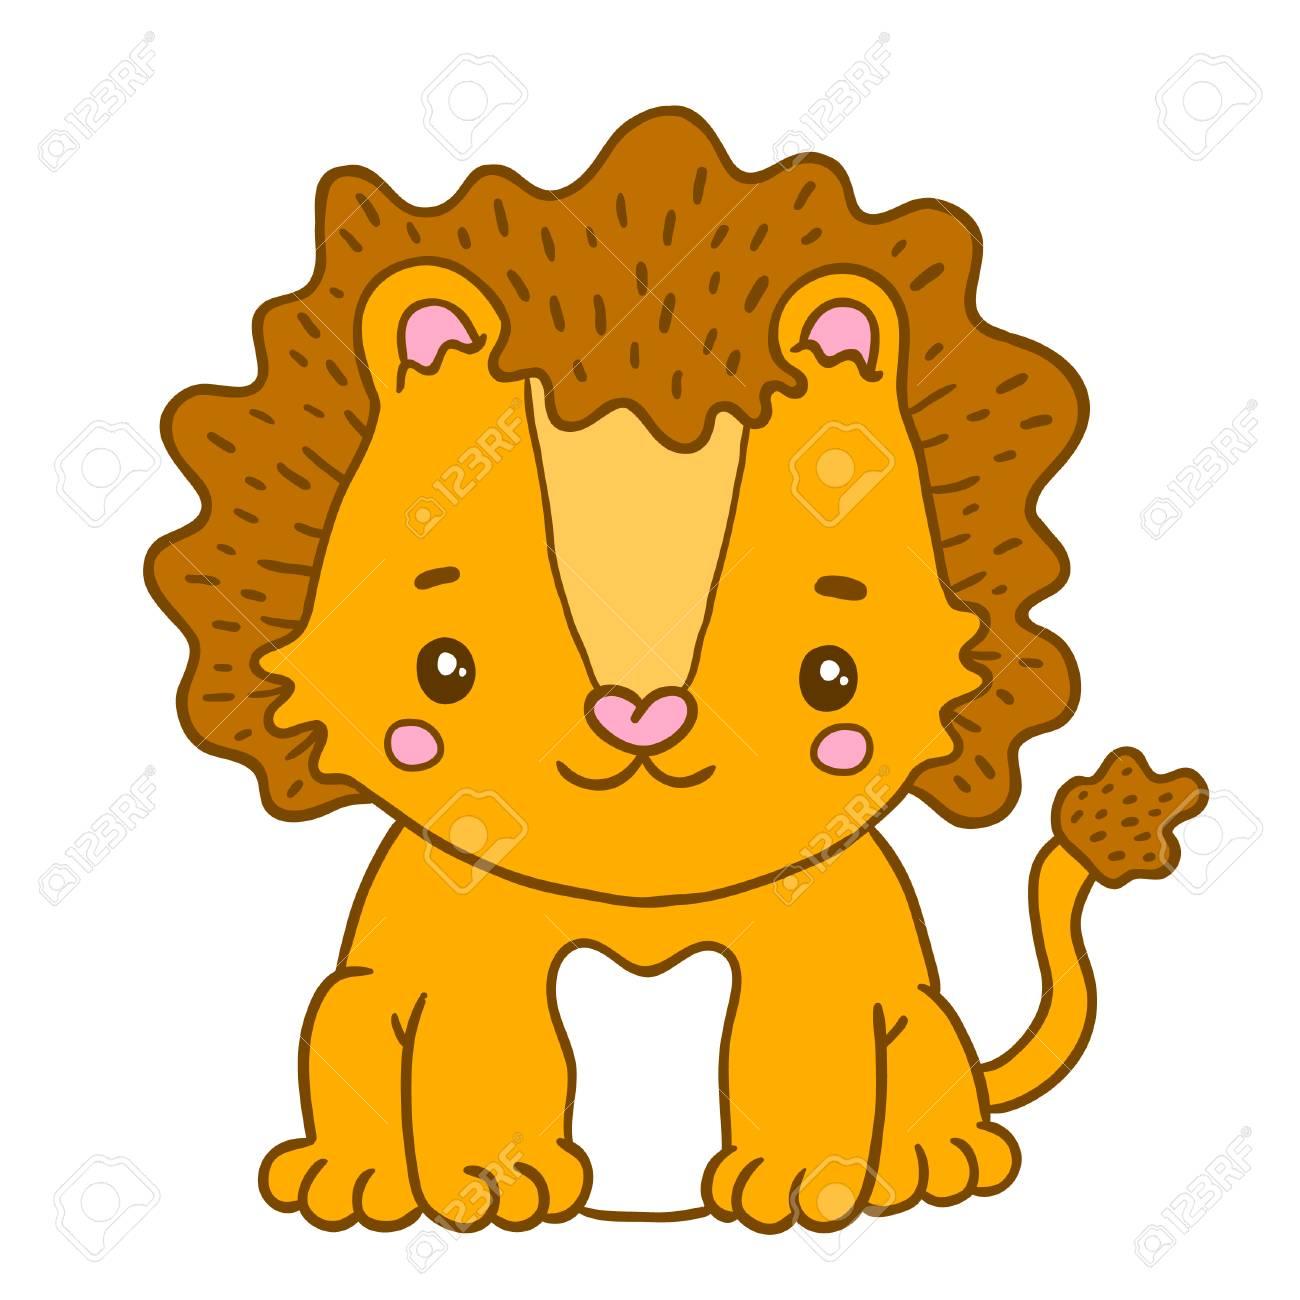 赤ちゃんライオンのかわいい漫画。動物イラスト ロイヤリティフリー